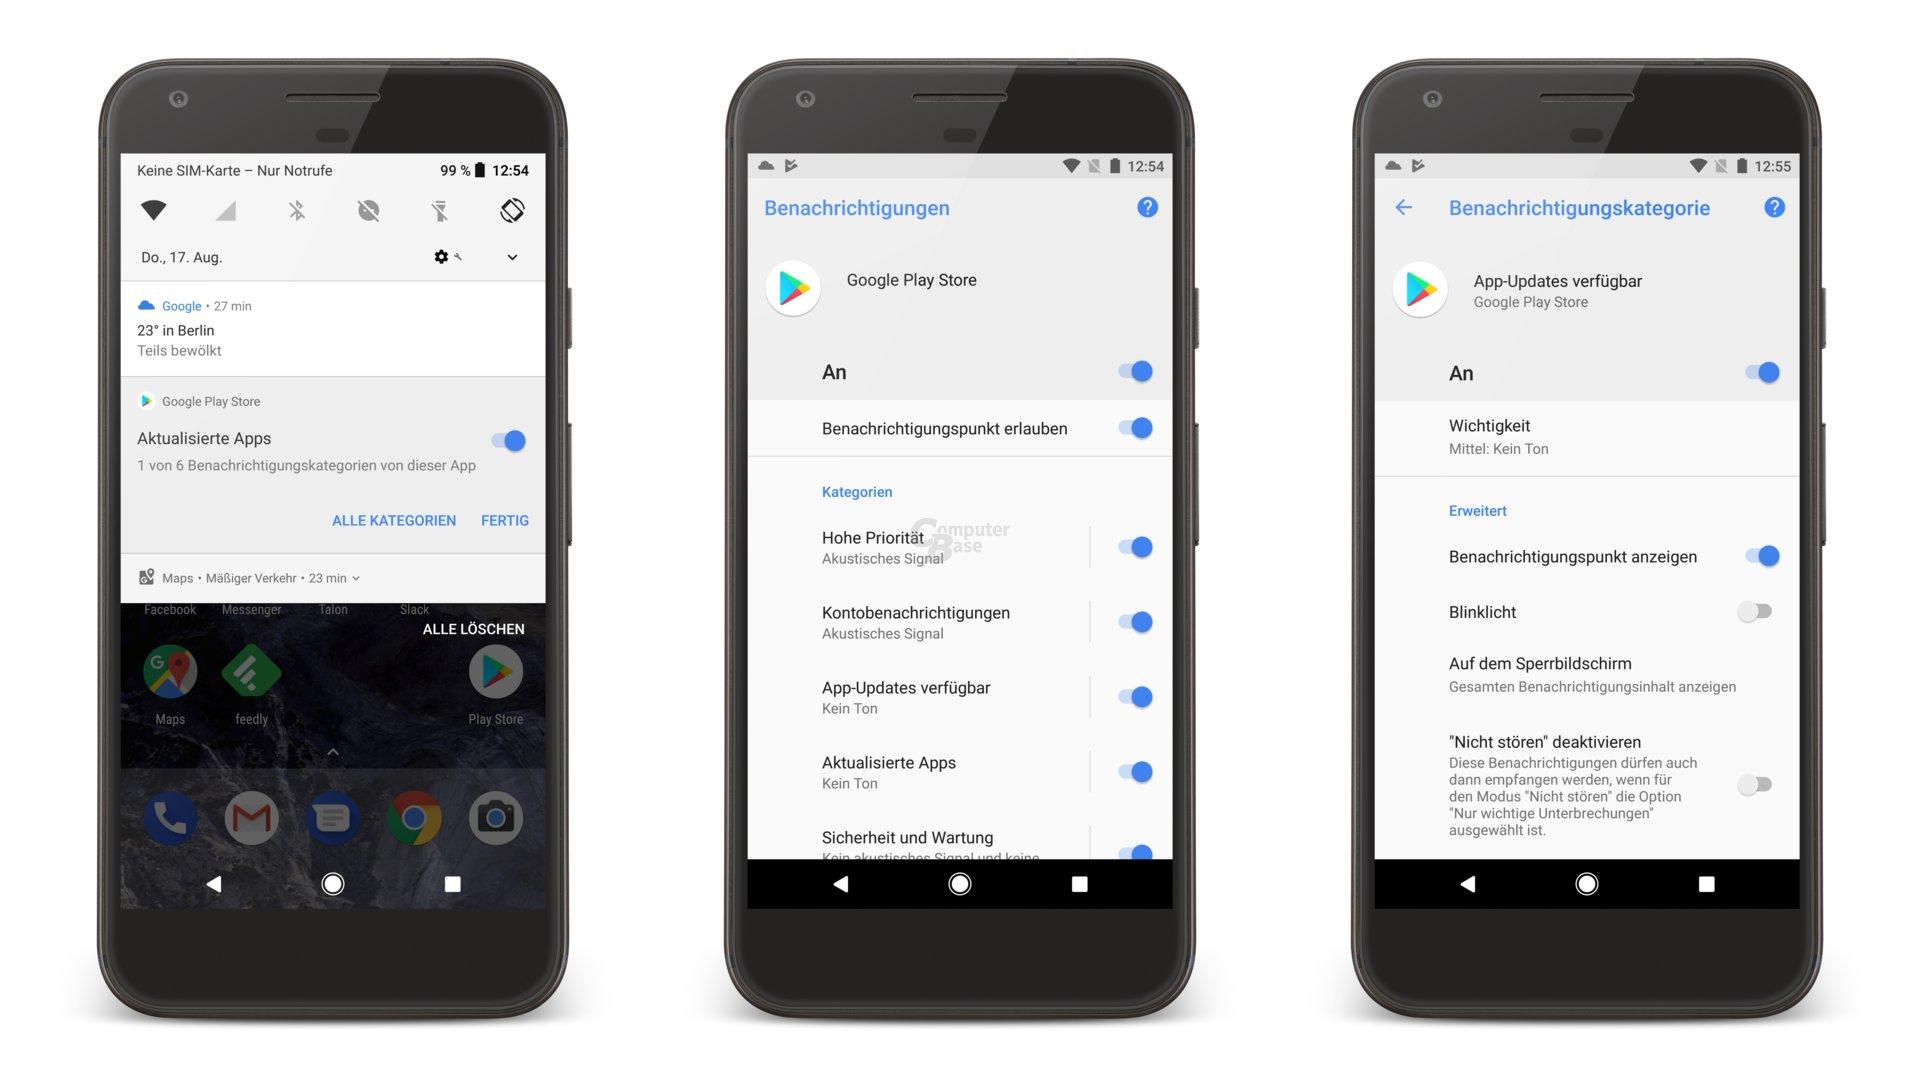 Benachrichtigungskategorien am Beispiel von Google Play